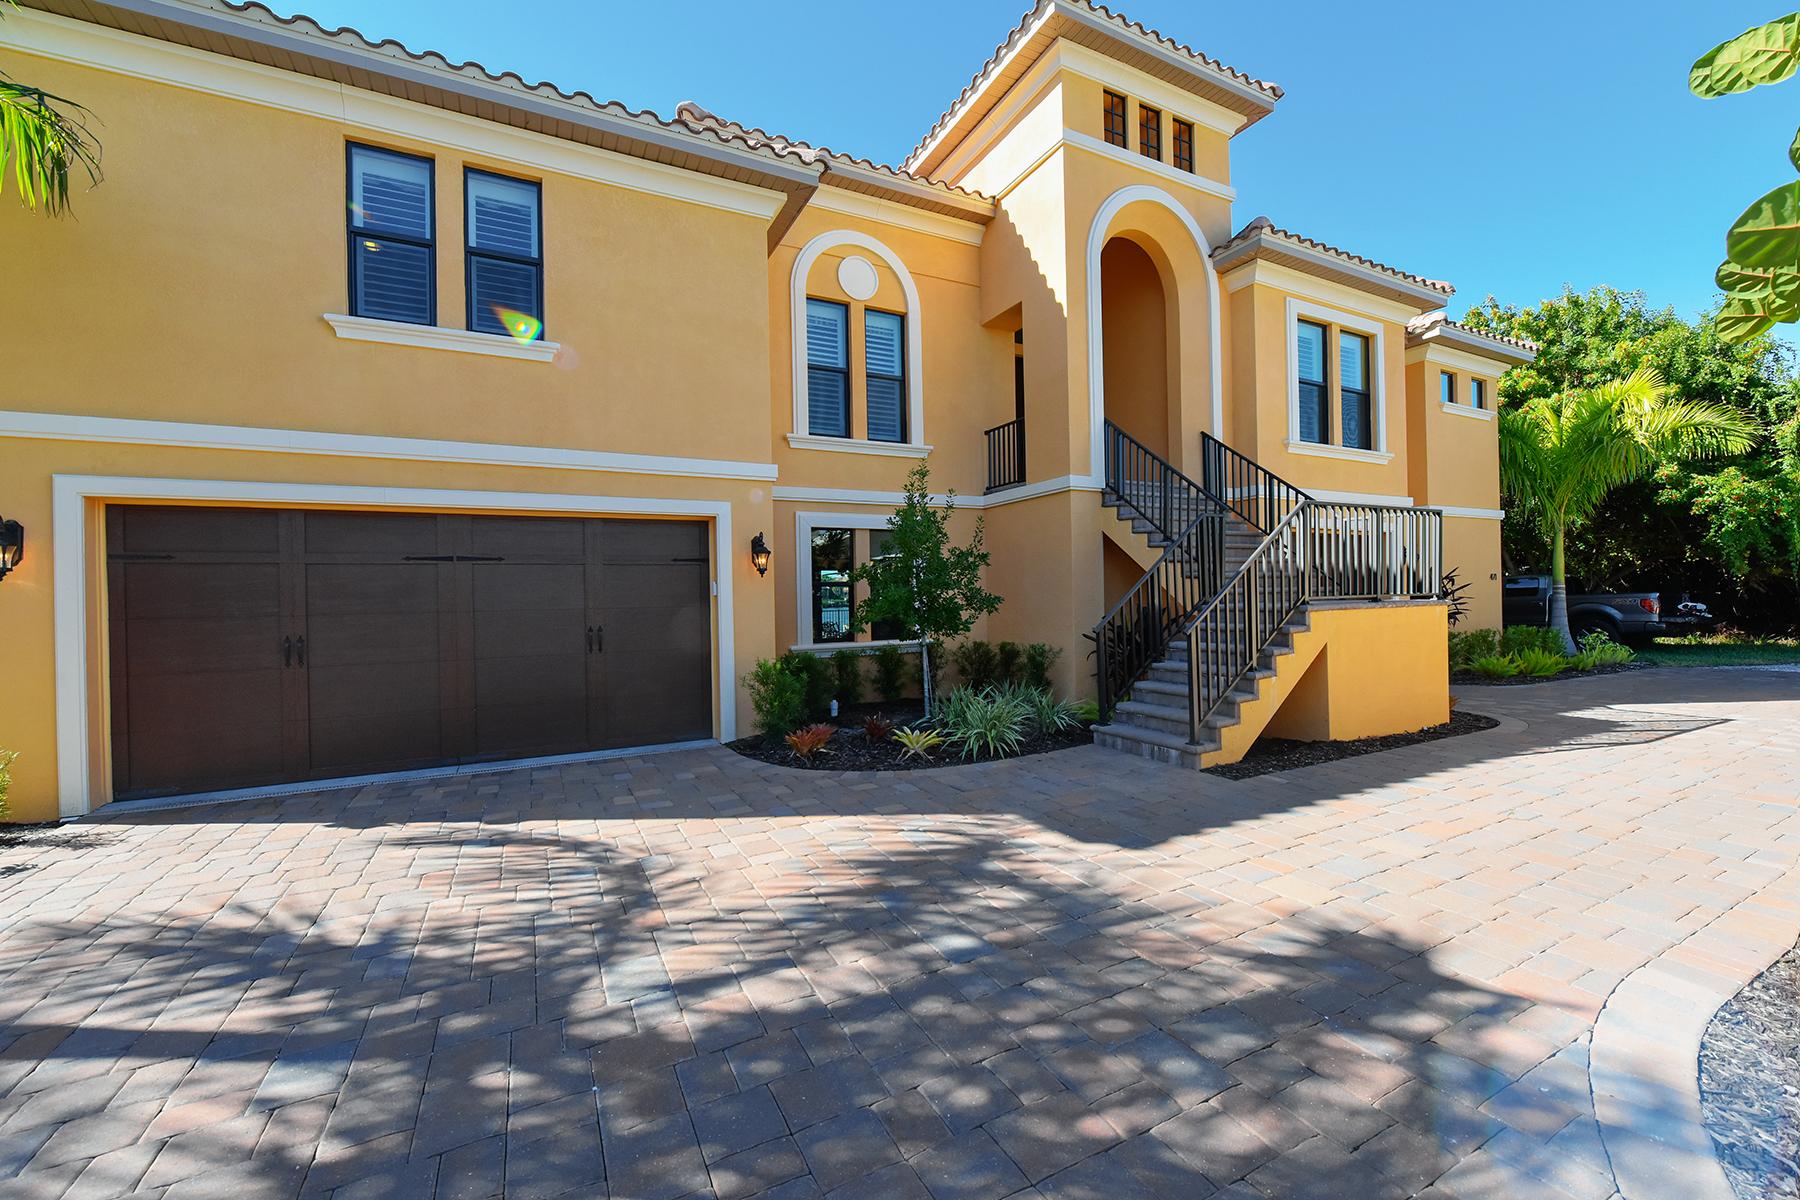 단독 가정 주택 용 매매 에 NOKOMIS 471 Bayshore Rd Nokomis, 플로리다 34275 미국